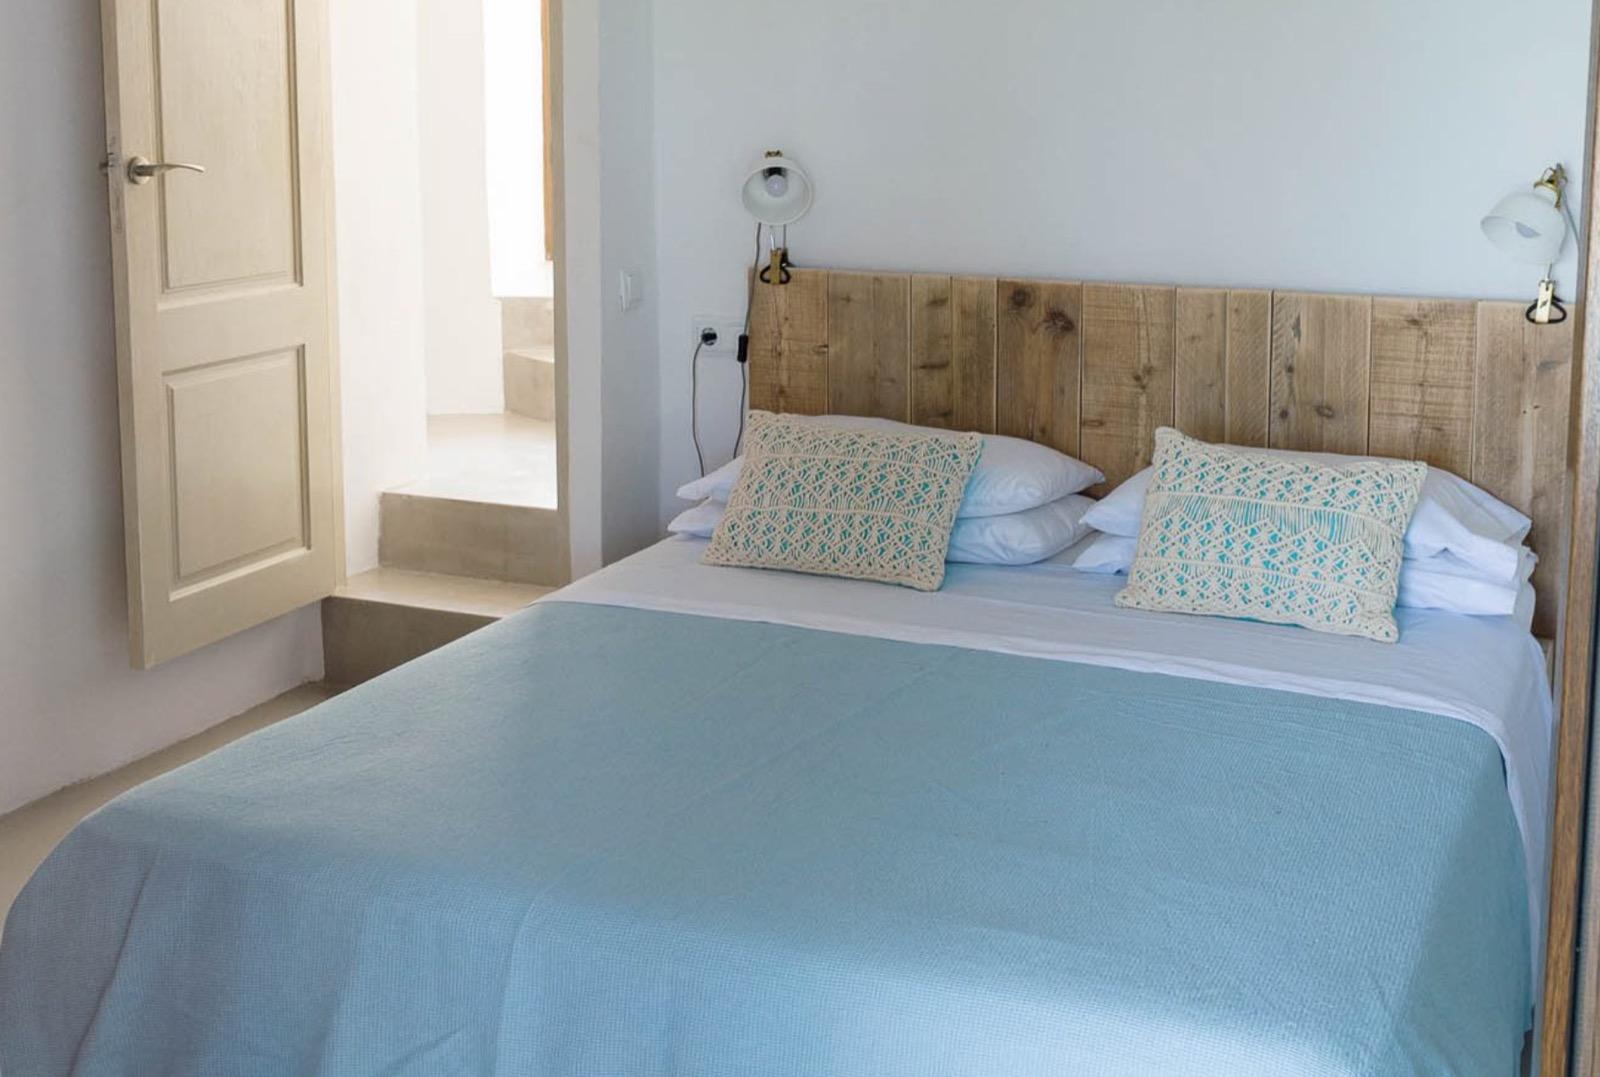 425 villa la salinas iangella ex nuria1accacd2-0f01-469e-8e96-34016797c673